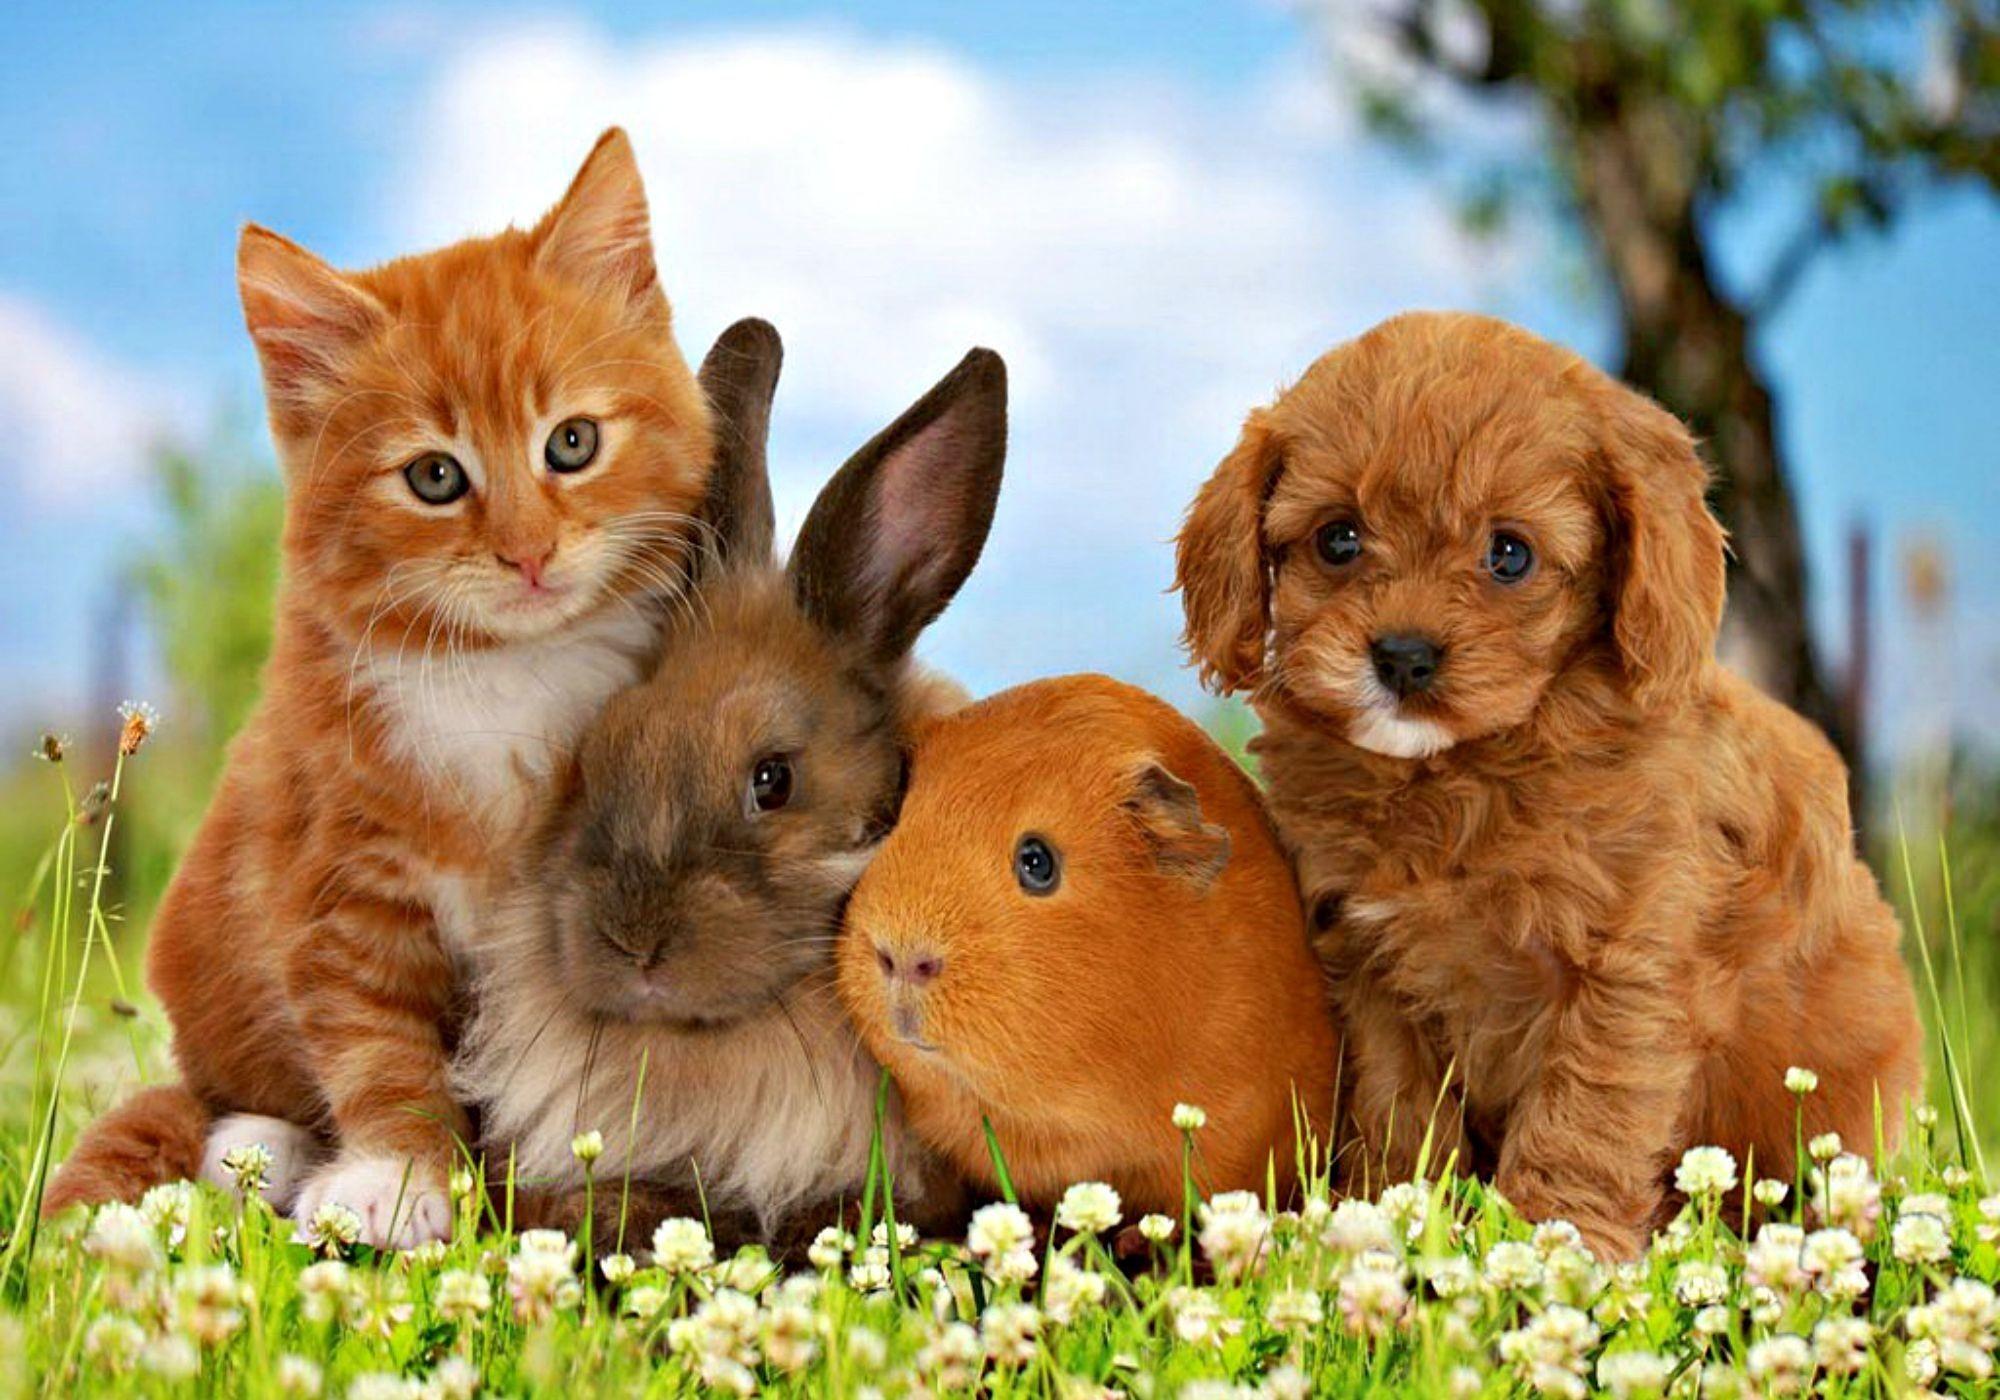 Cats: Little Friends Friend Dog Sweet Cute Animal Bunny Orange .